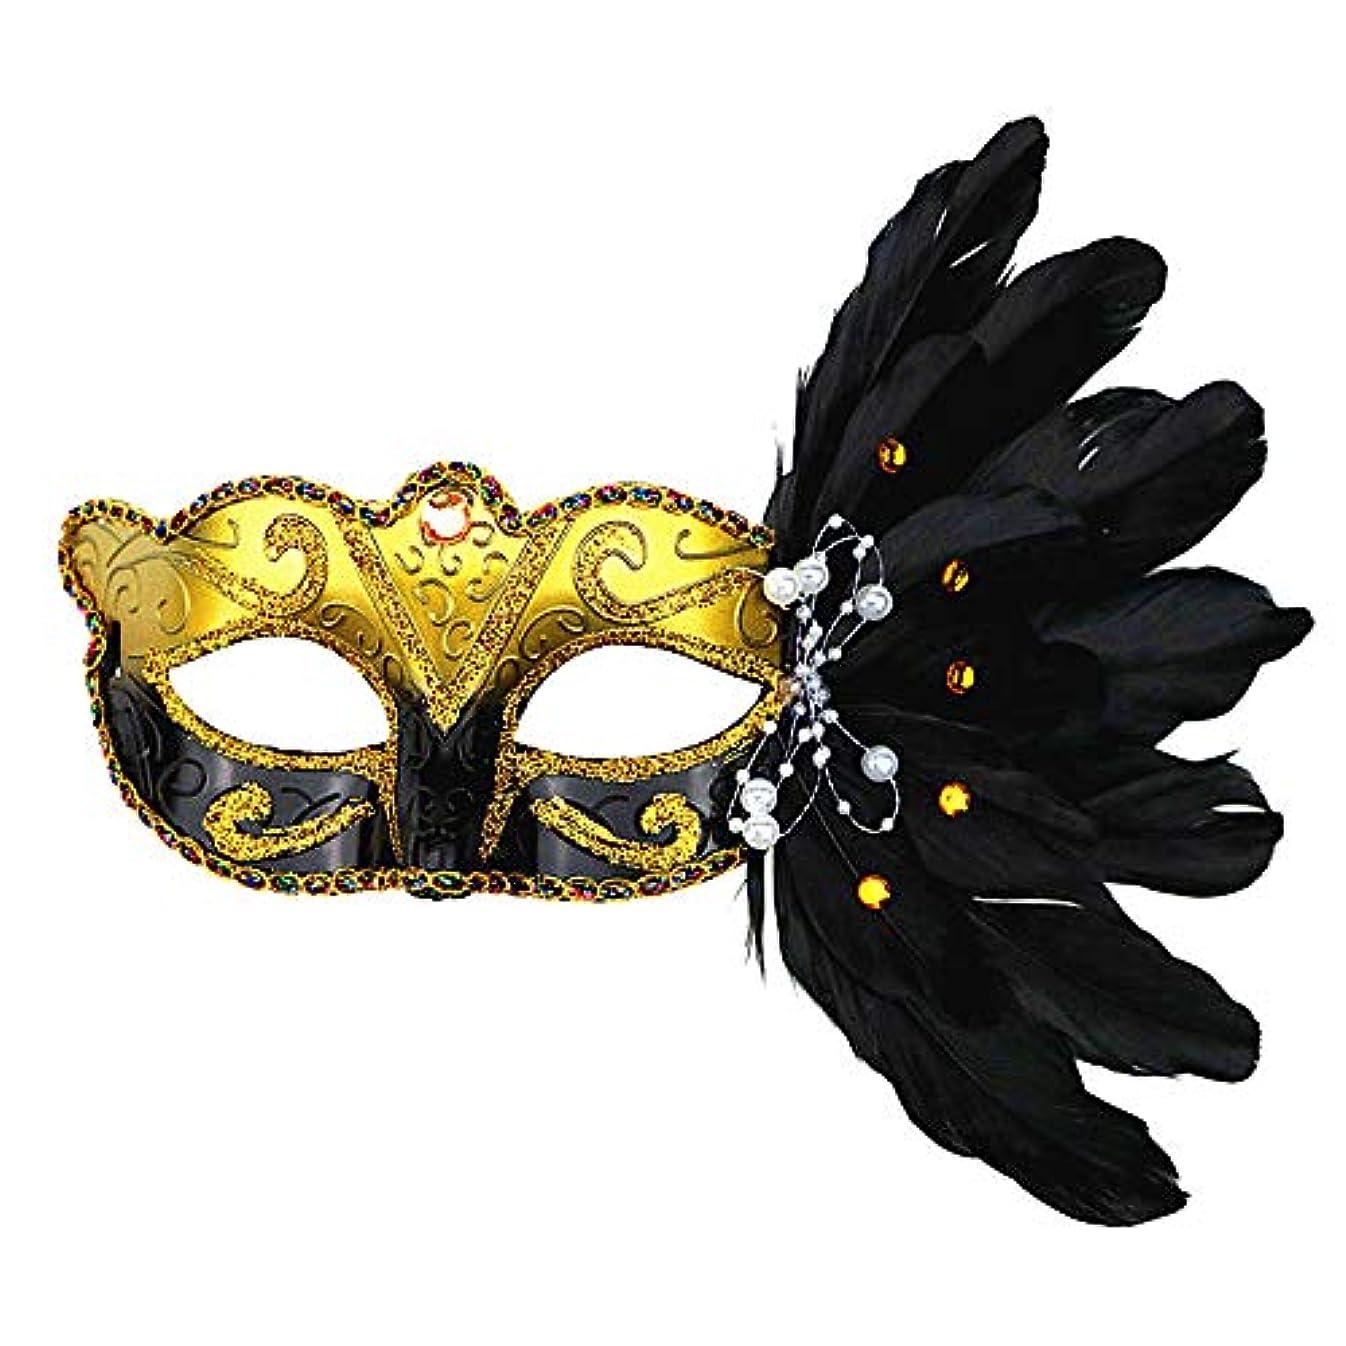 邪魔富マーキングAuntwhale ハロウィーンマスク大人恐怖コスチューム、ペイントフェザーファンシーマスカレードパーティーハロウィンマスク、フェスティバル通気性ギフトヘッドマスク